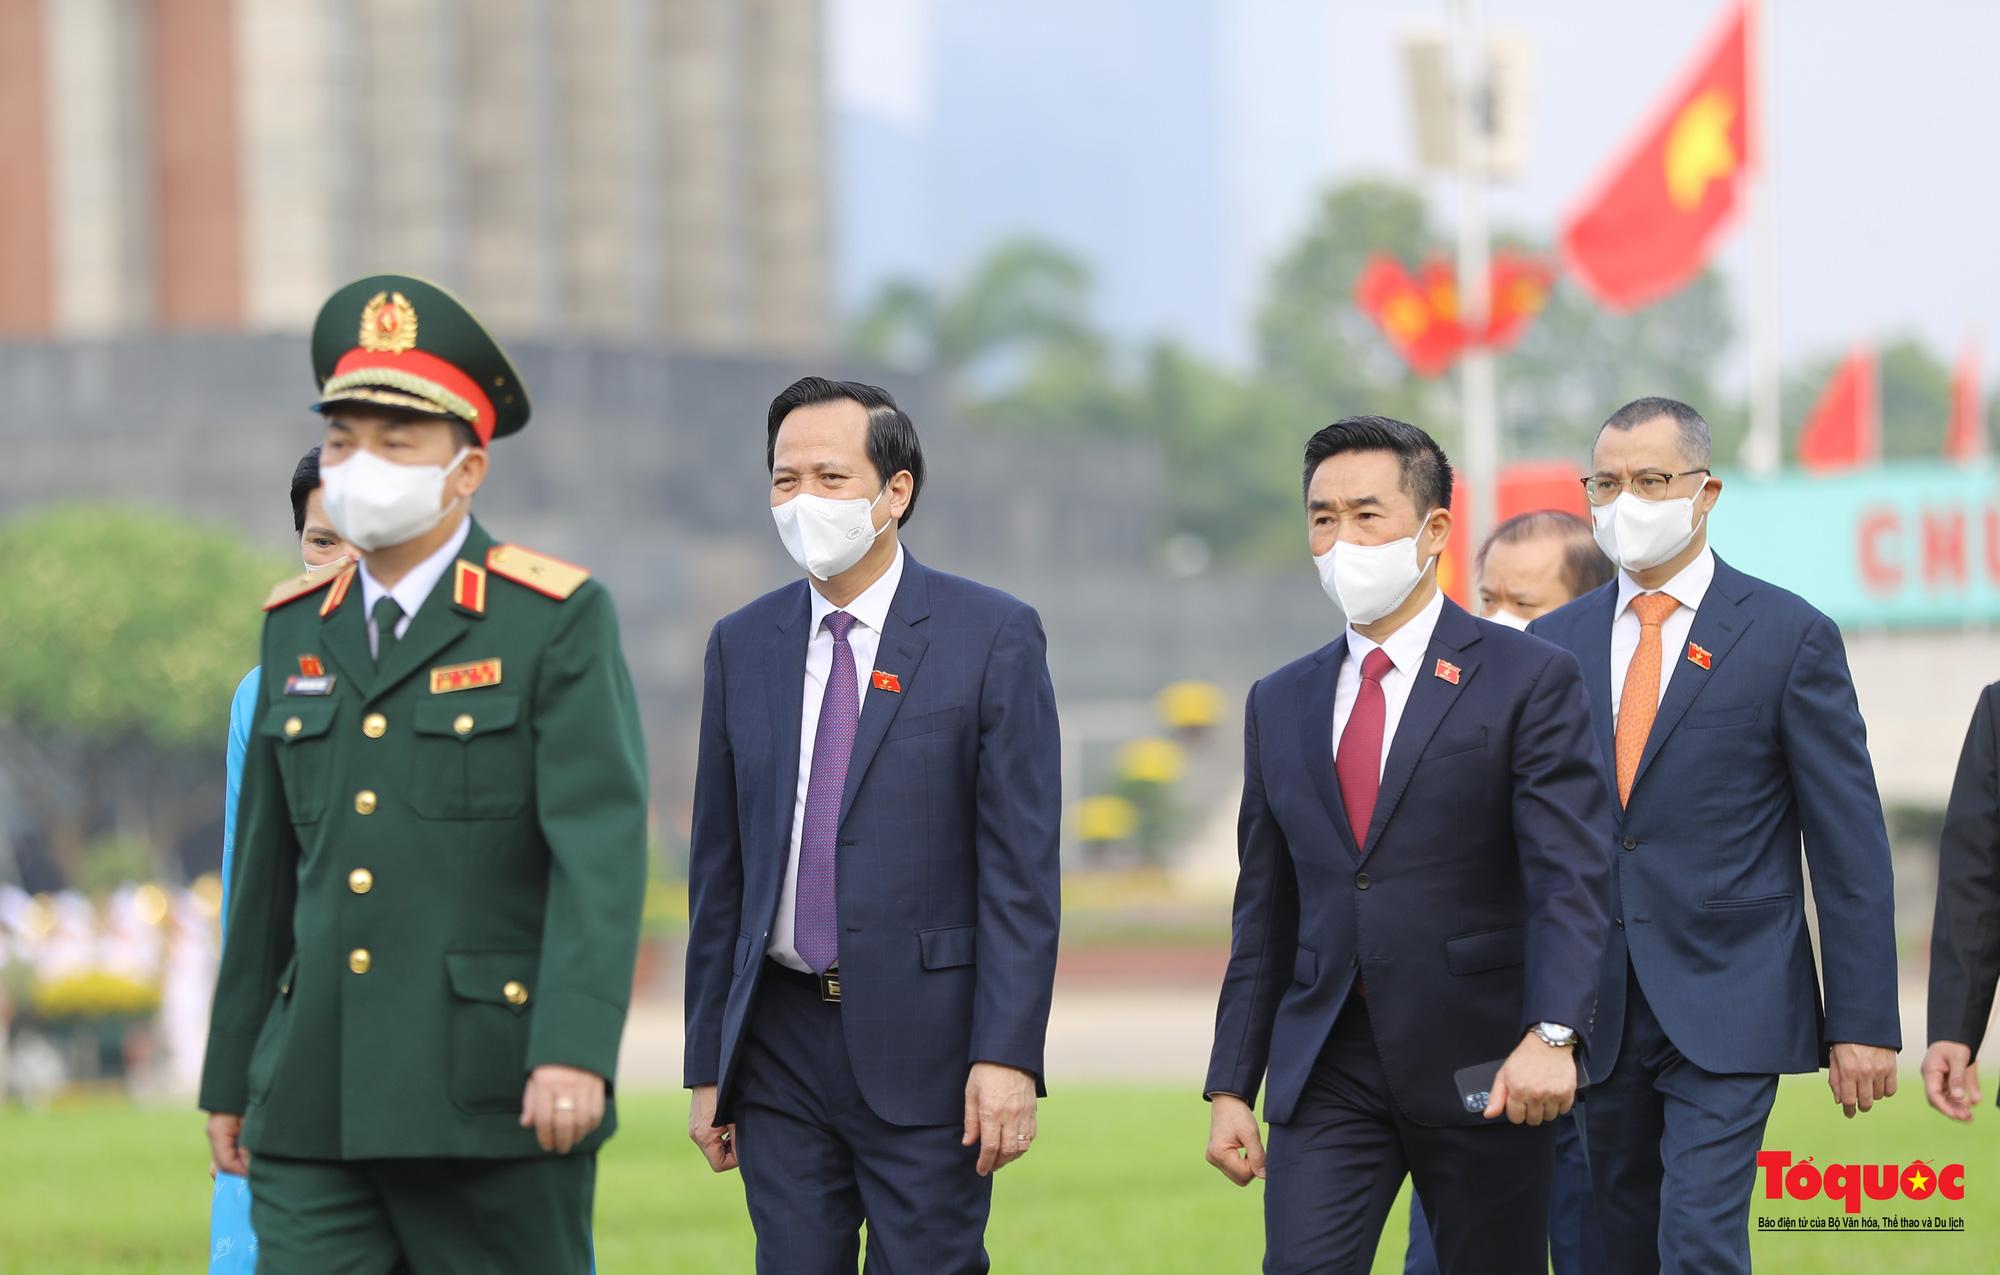 Lãnh đạo Đảng, Nhà nước và các đại biểu Quốc hội khóa XV vào Lăng viếng Chủ tịch Hồ Chí Minh - Ảnh 13.